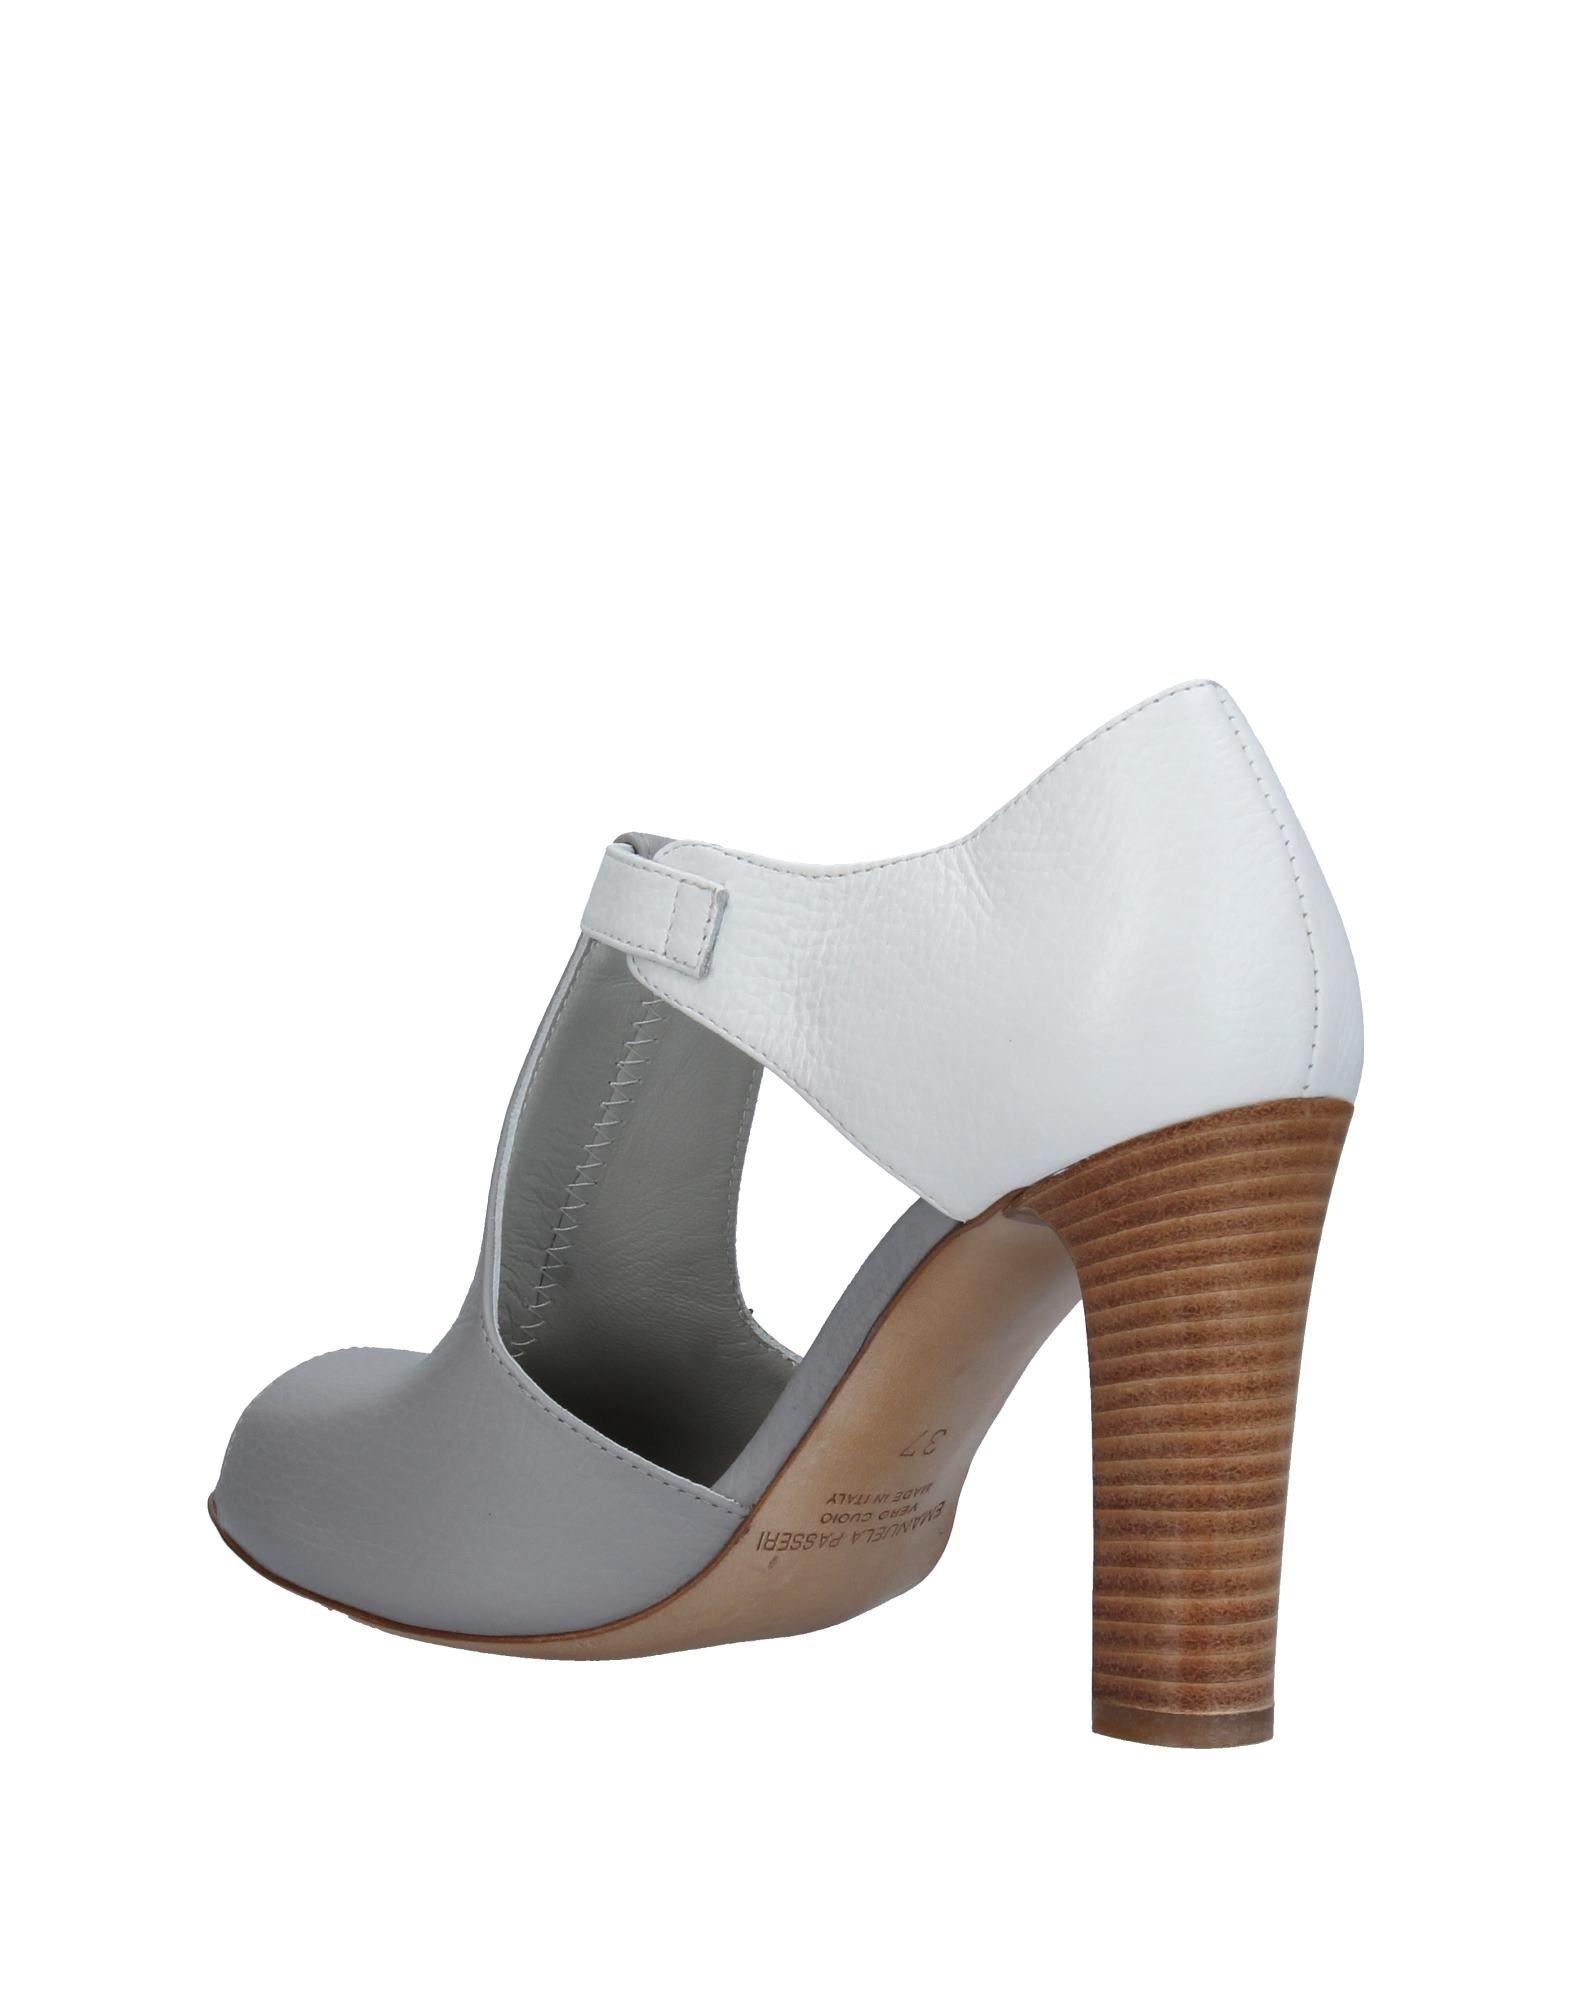 Emanuela Passeri Sandalen Damen Damen Sandalen  11331669JM Gute Qualität beliebte Schuhe 3027fd